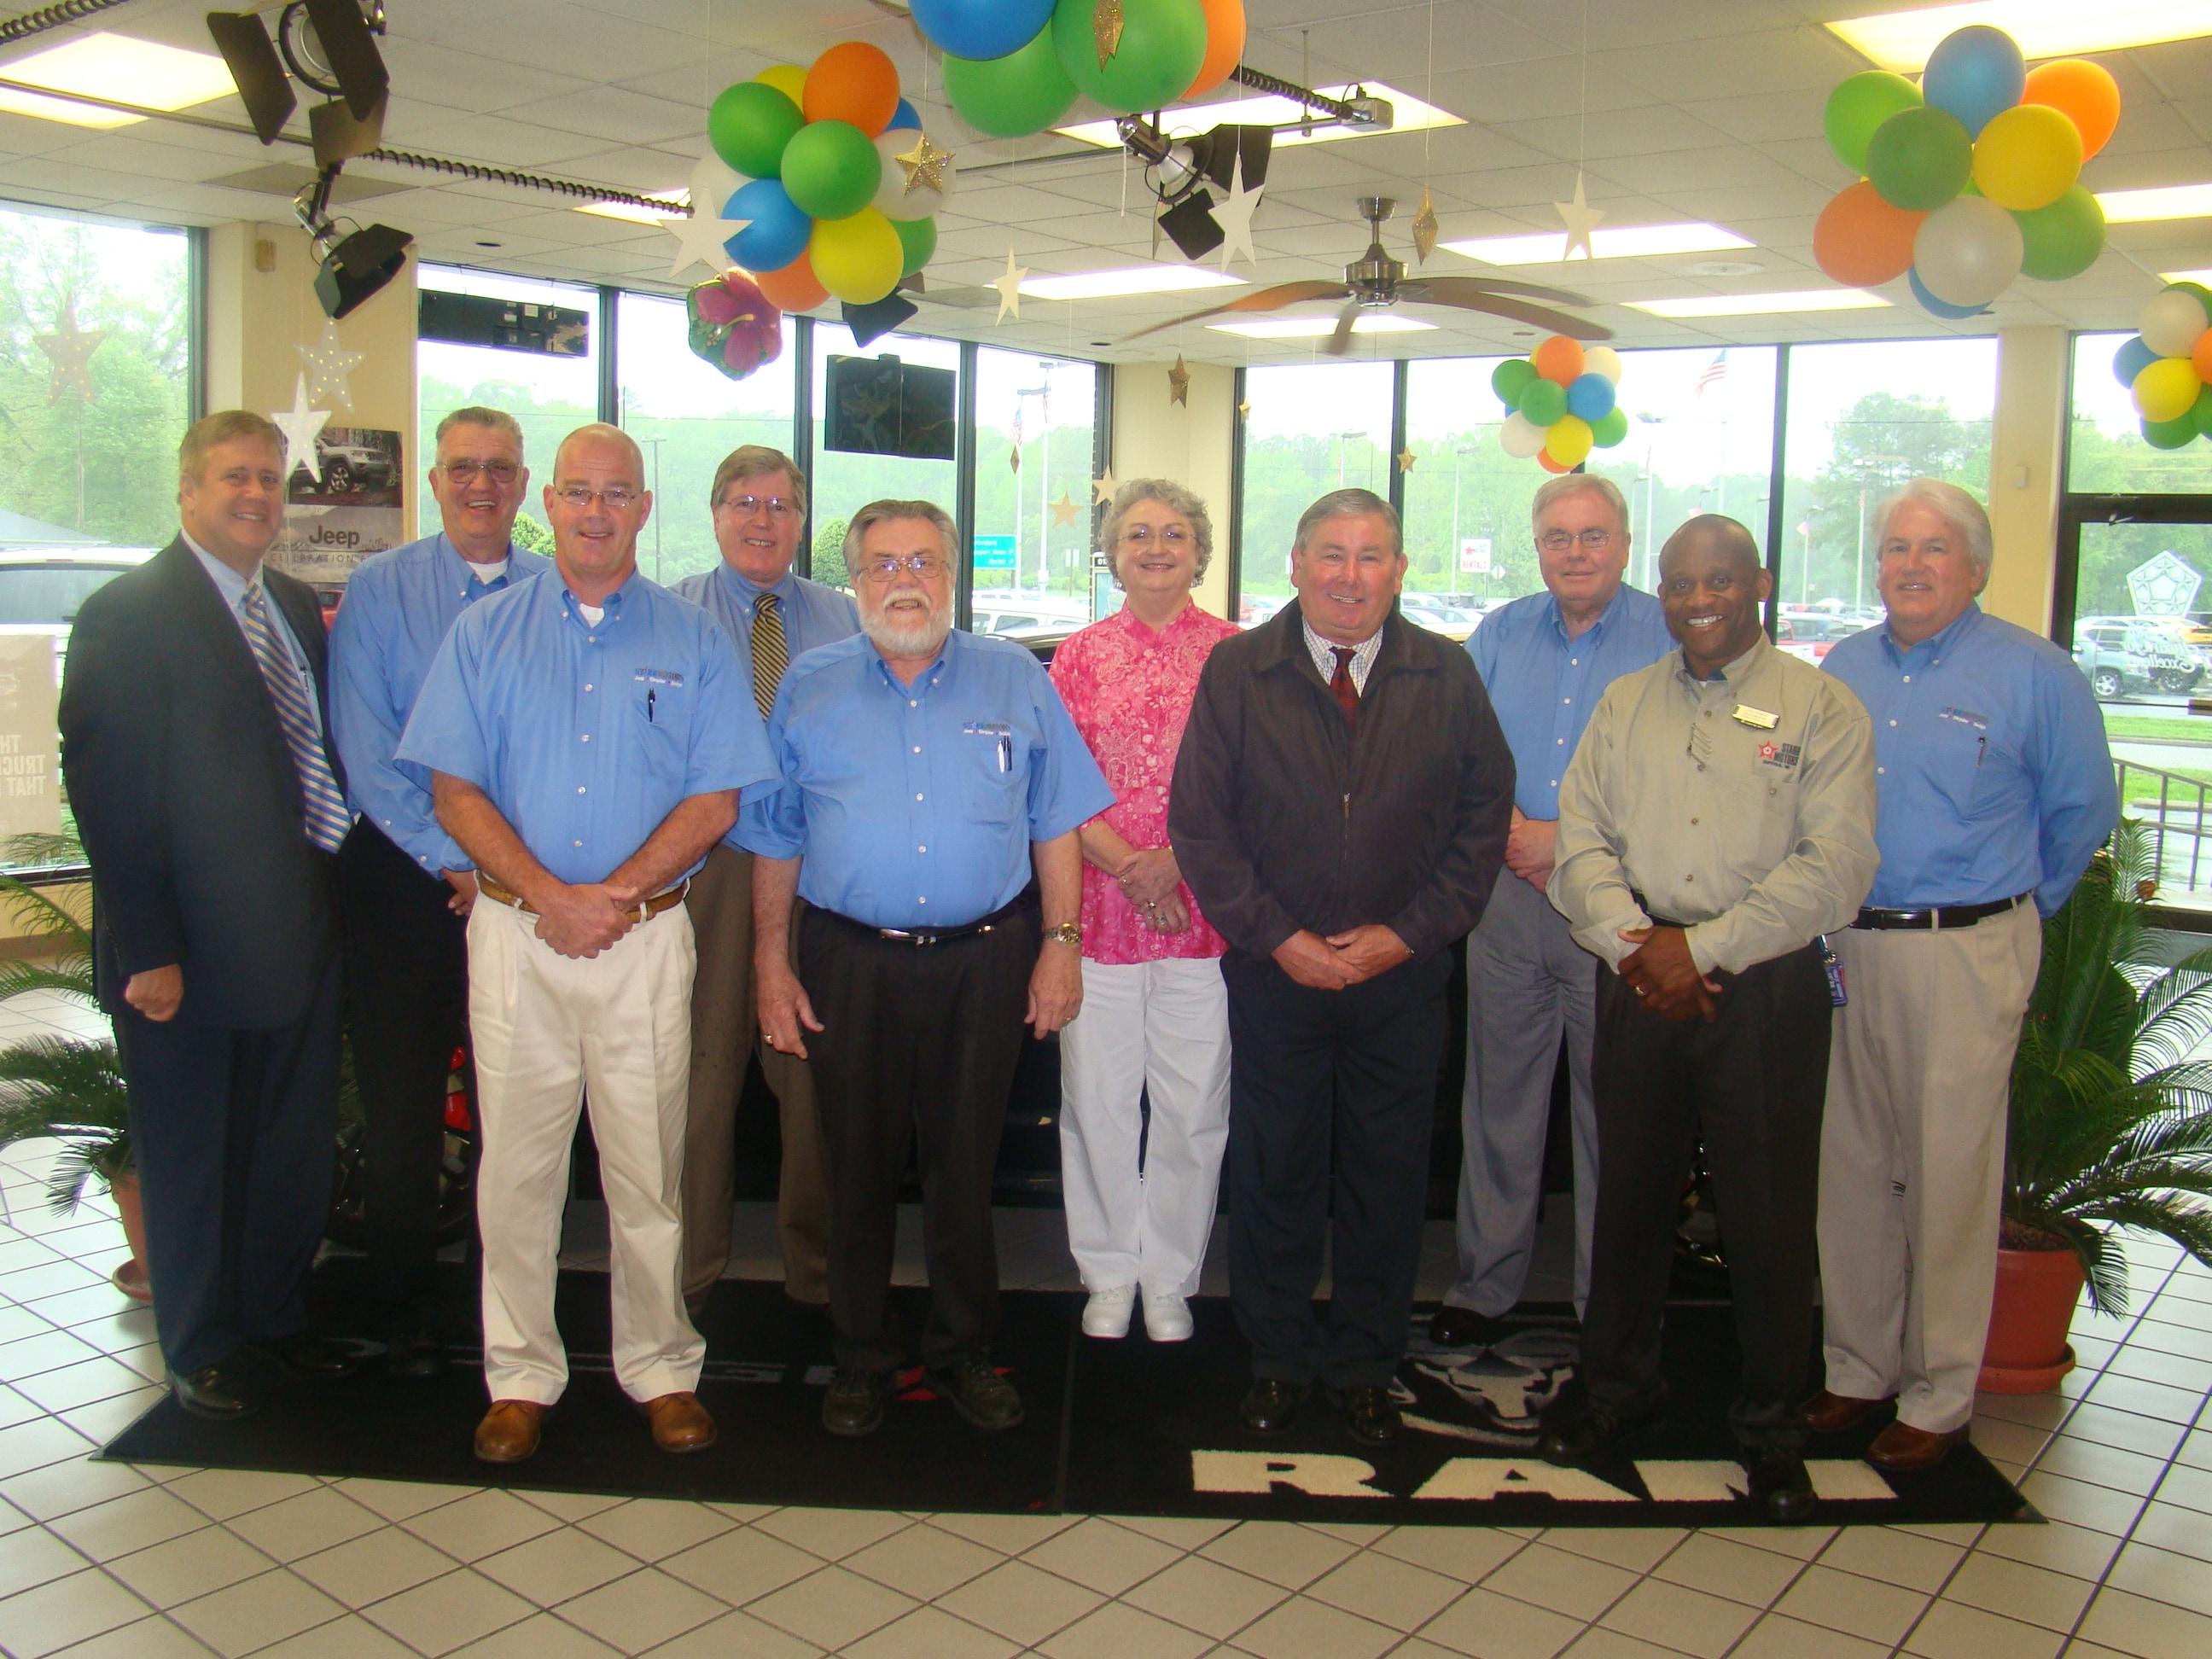 About Starr Motors Chrysler Jeep Dodge Ram Dealership